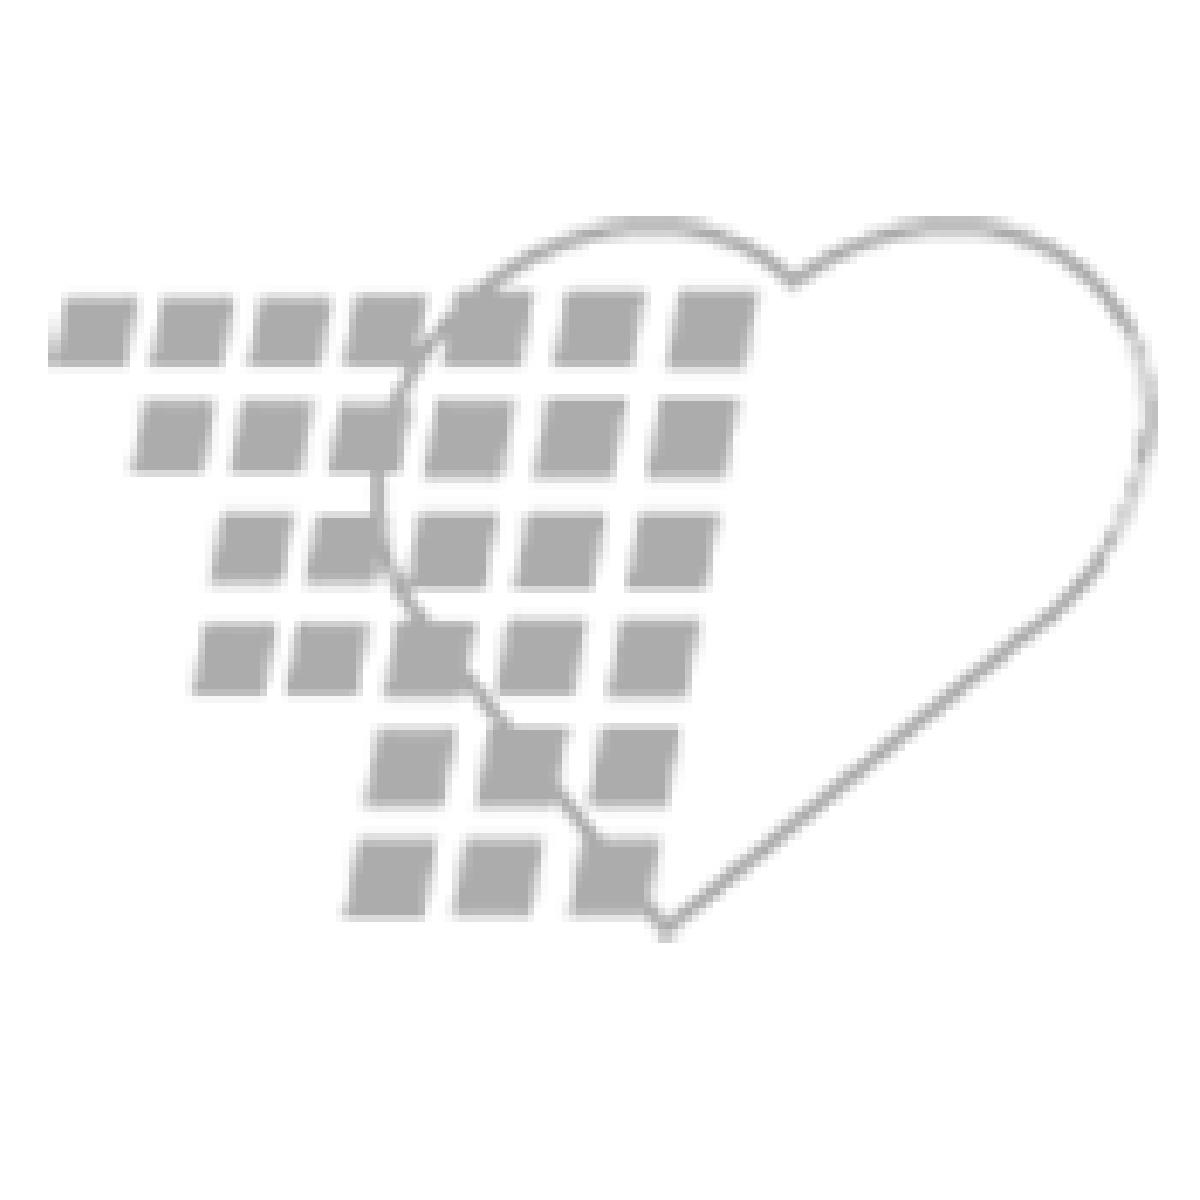 """05-51-1100-4IN - Dermacea   Gauze Roll - 2-Ply 4"""" x 4 yd - Sterile"""